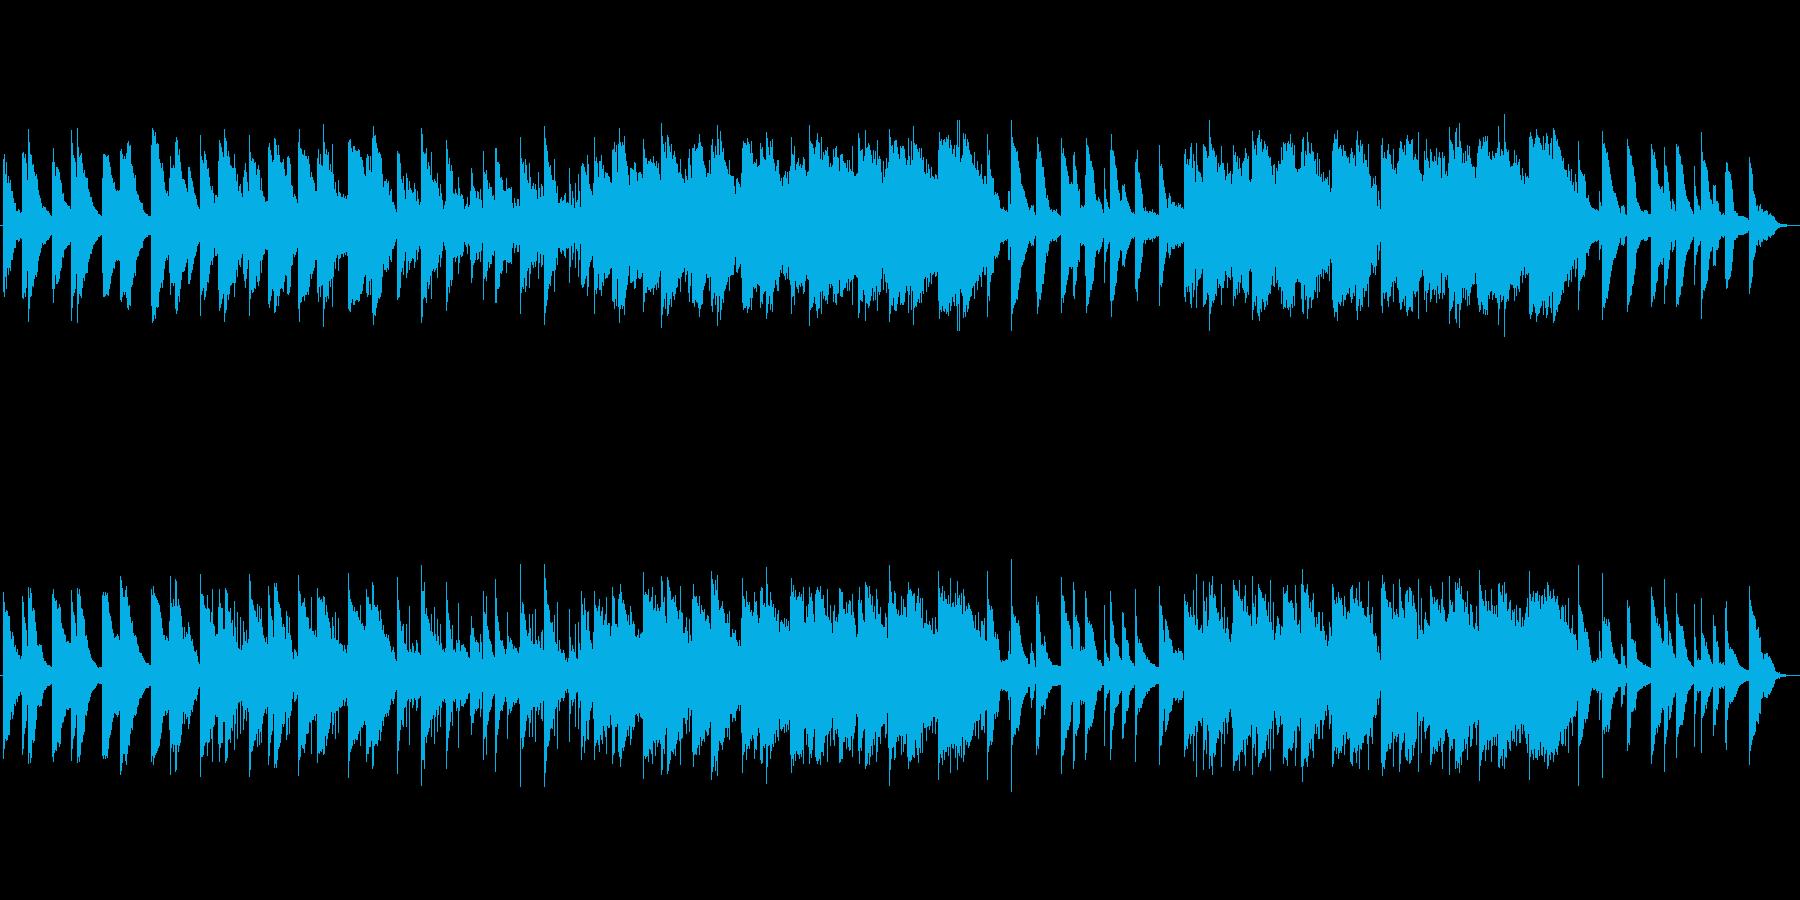 ピアノによる感動的なサウンドトラックの再生済みの波形